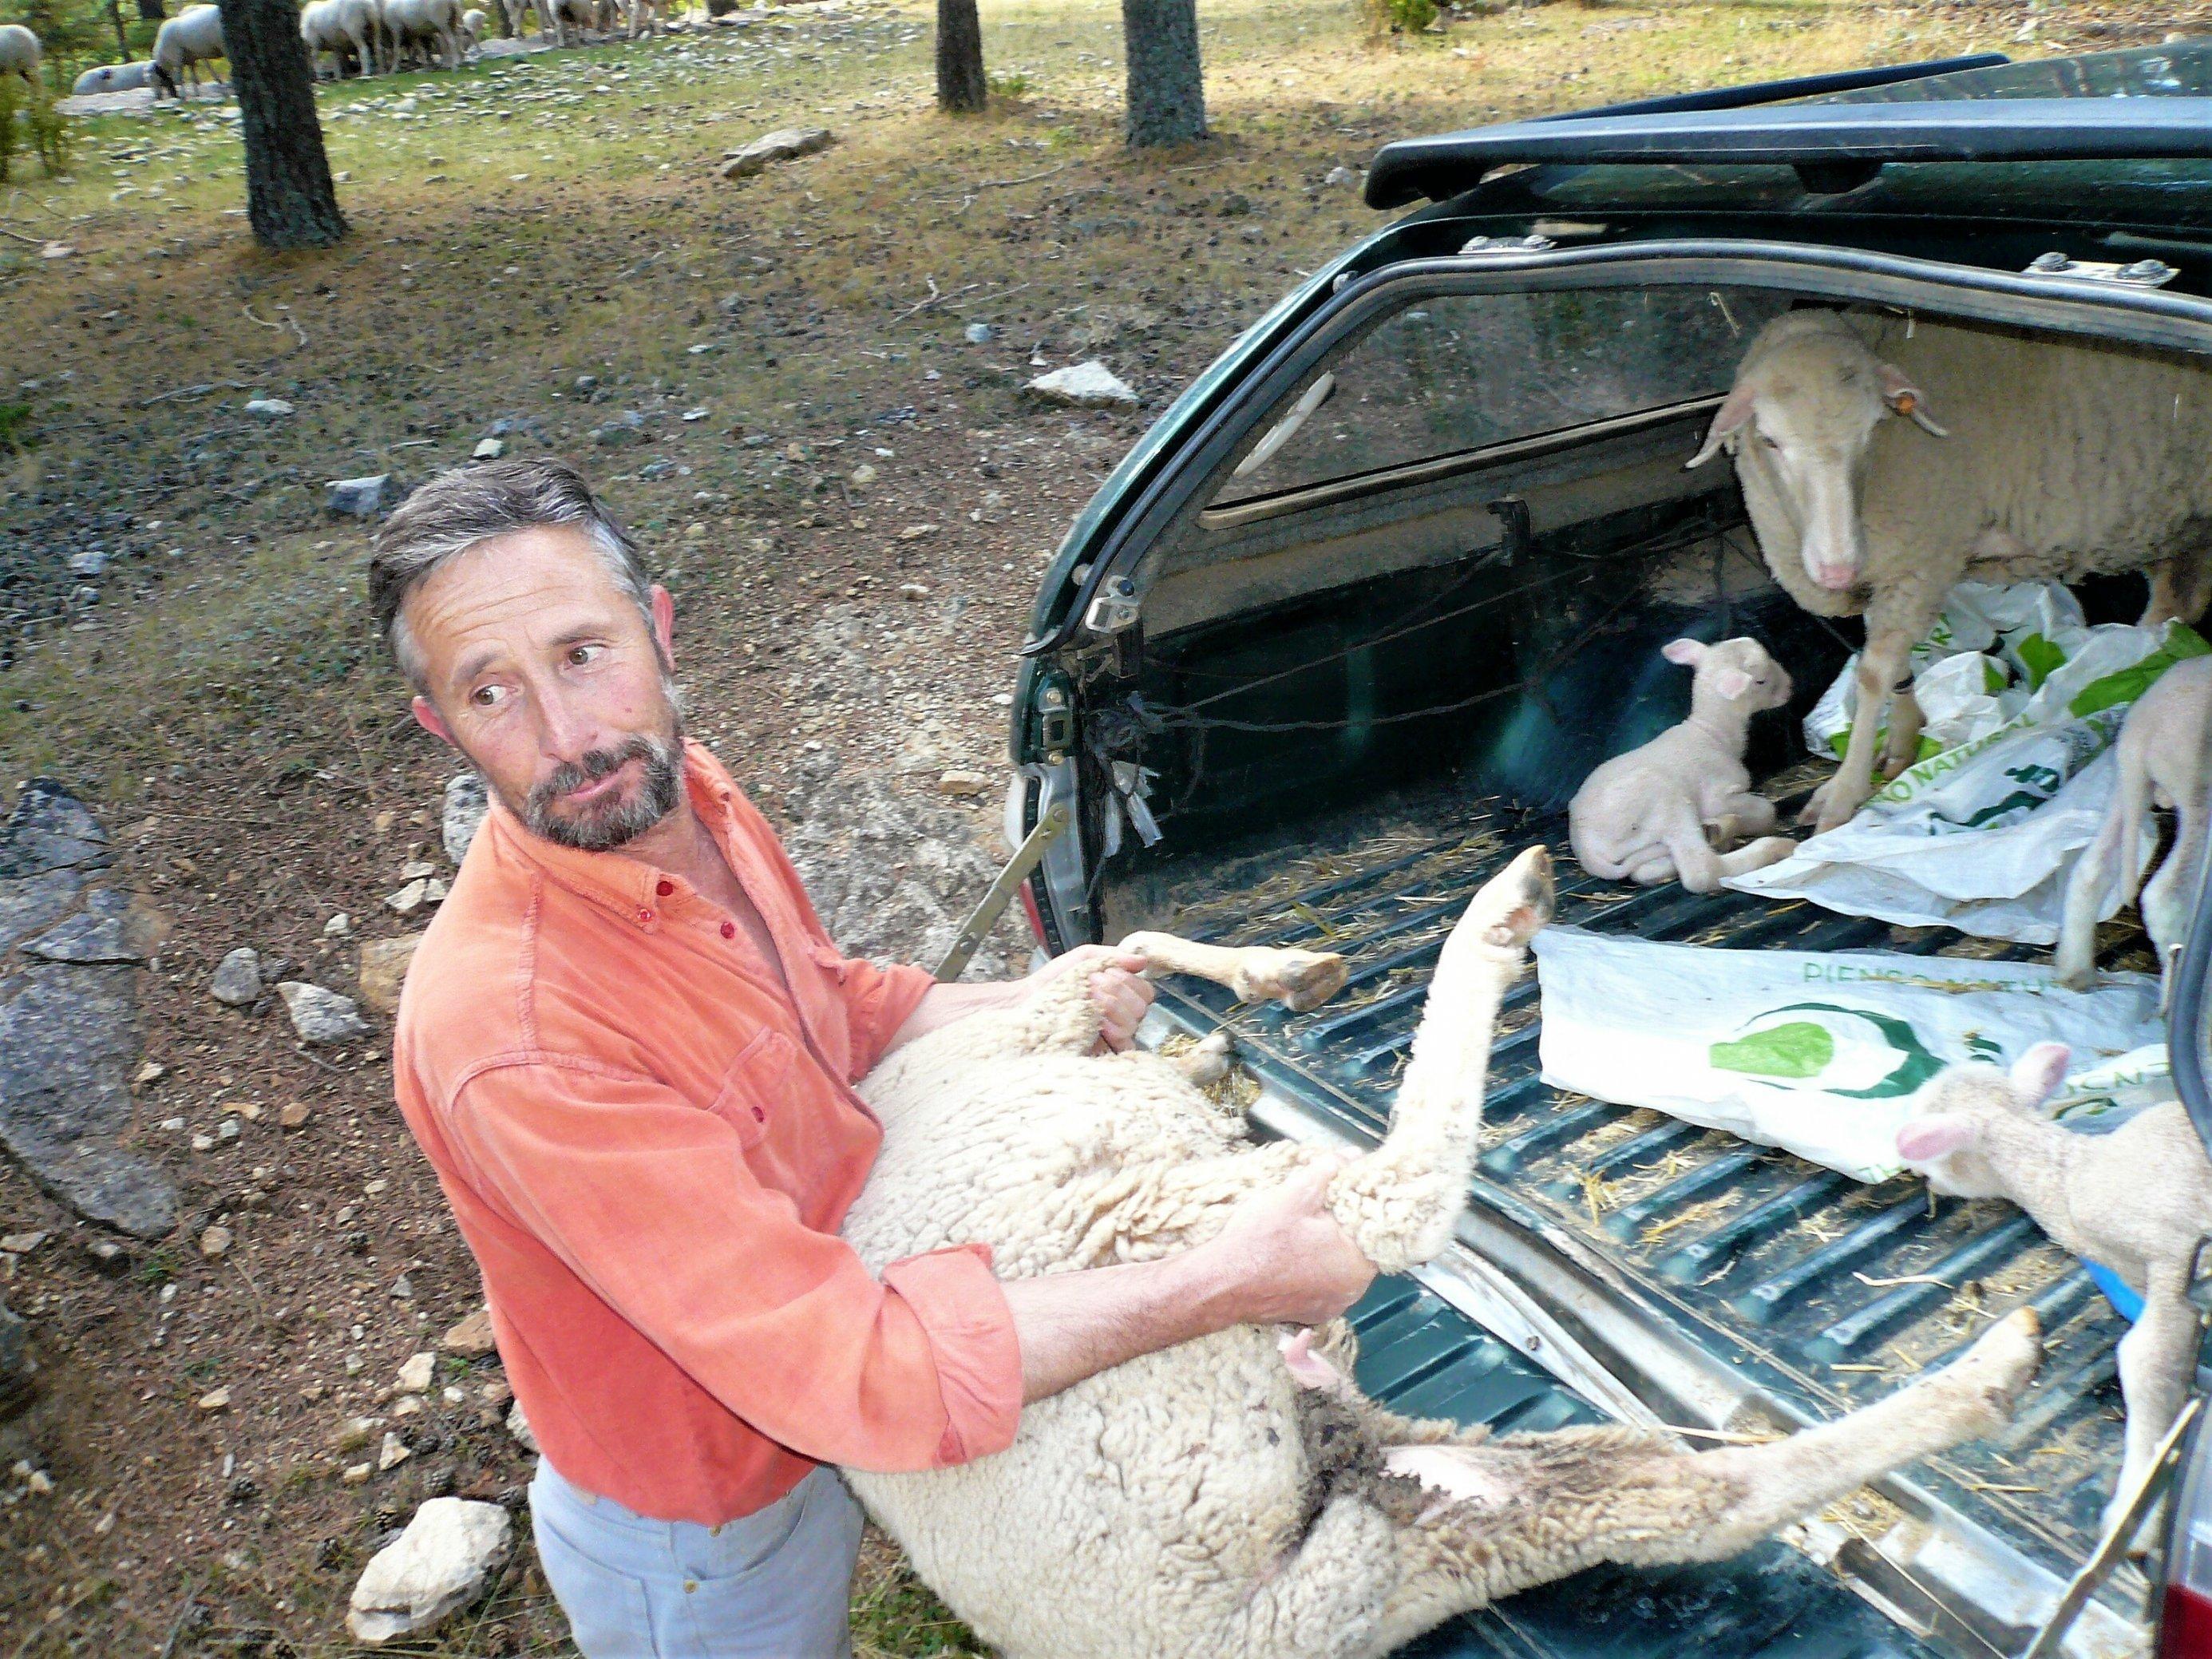 Ein Schäfer hat ein großes Schaf an den Beinen gepackt, um es in den Laderaum seines Kombi zu schieben.